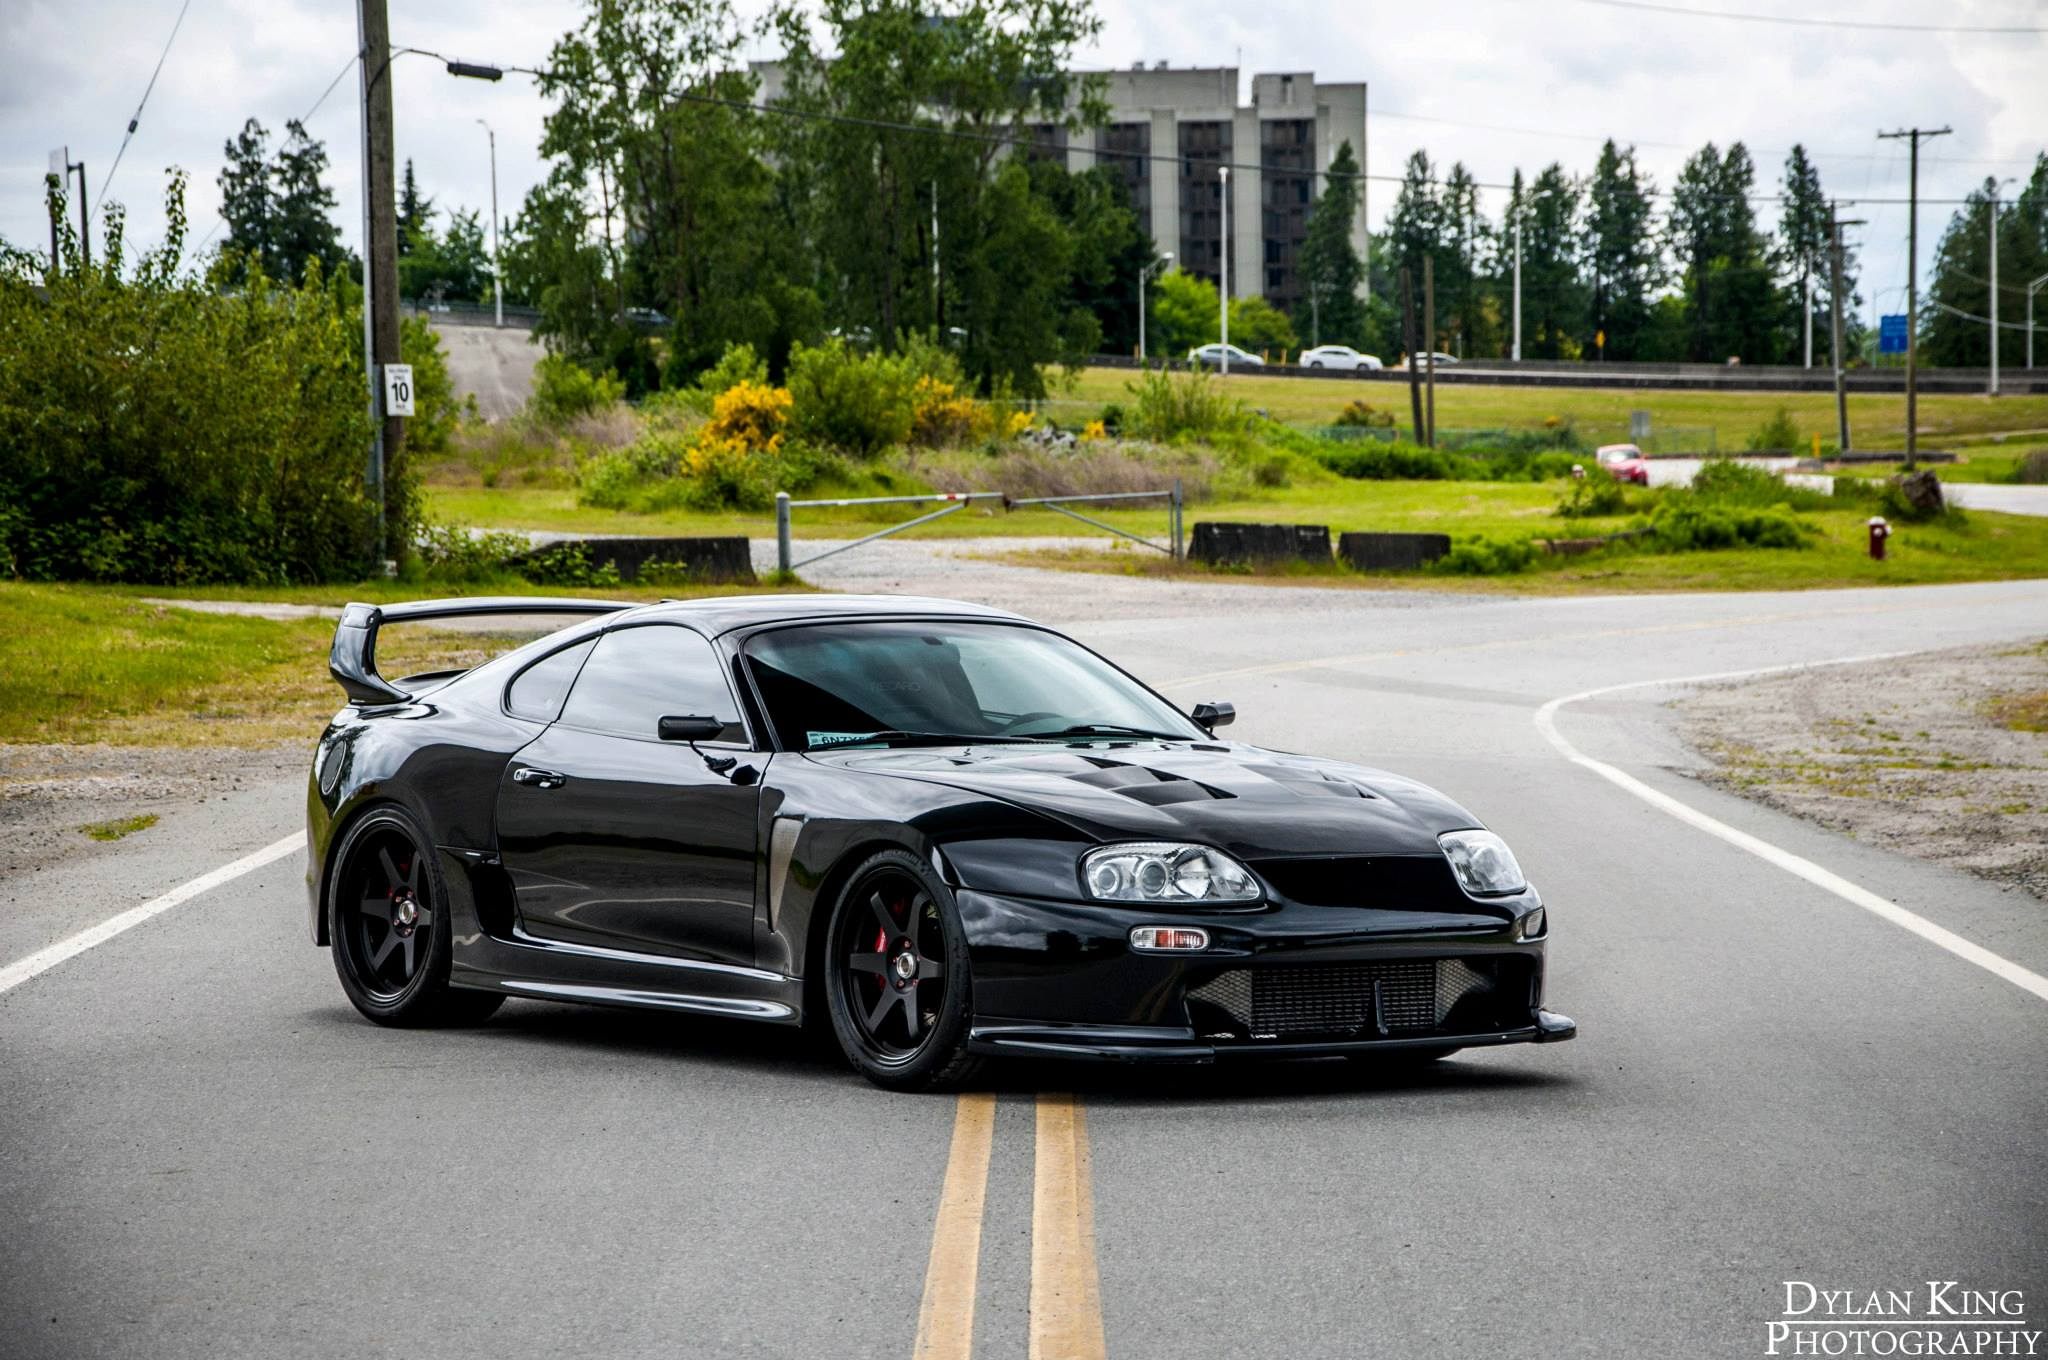 Black Toyota Supra